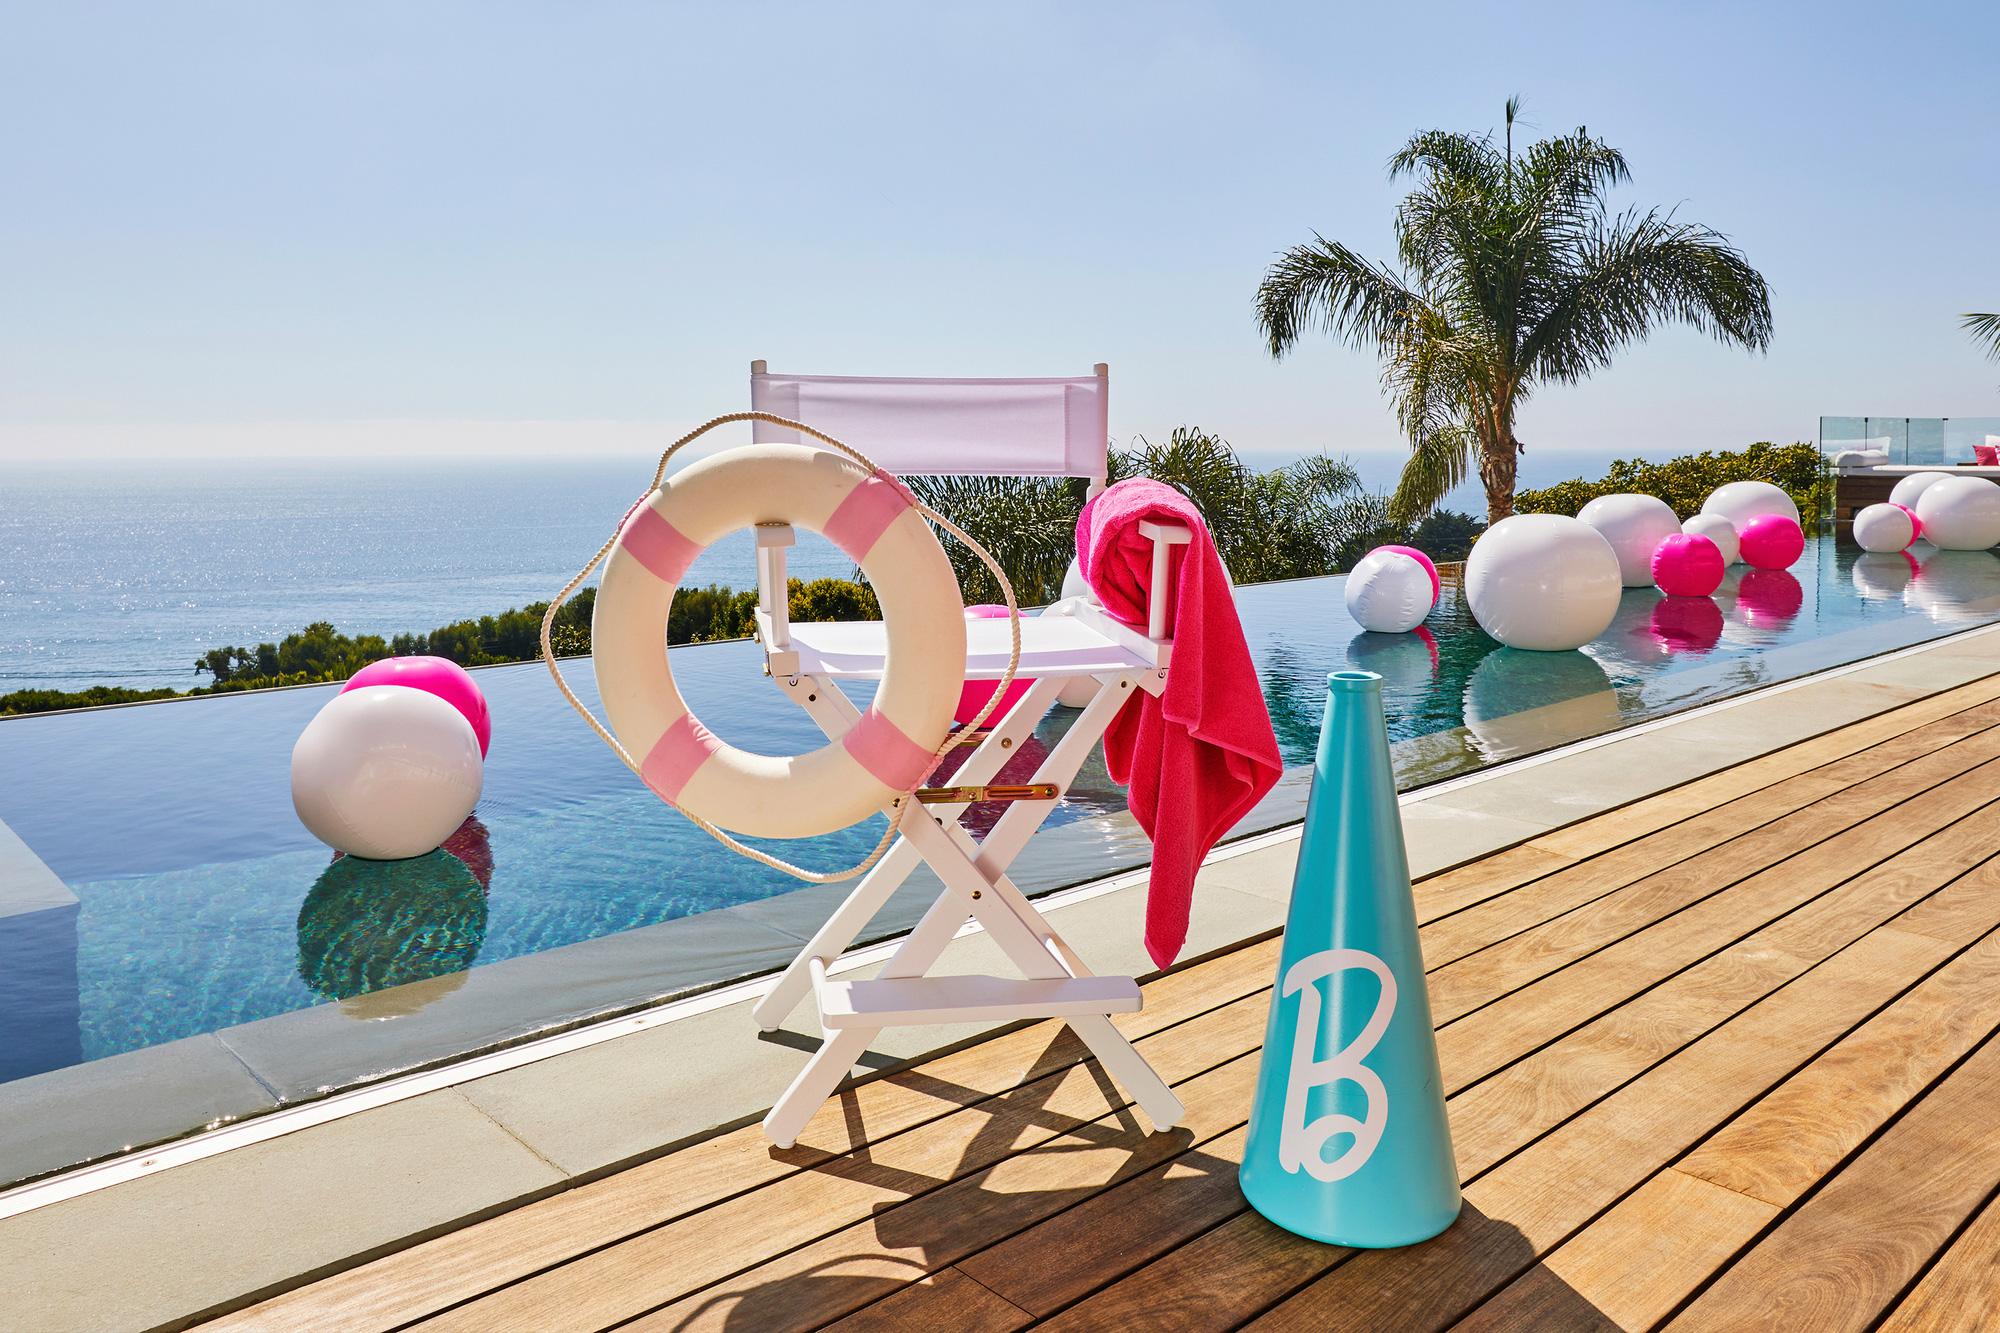 Ngôi nhà búp bê Barbie phiên bản hàng thật với giá 1,3 triệu/đêm, các cô gái nhanh tay xách vali lên nào - Ảnh 4.